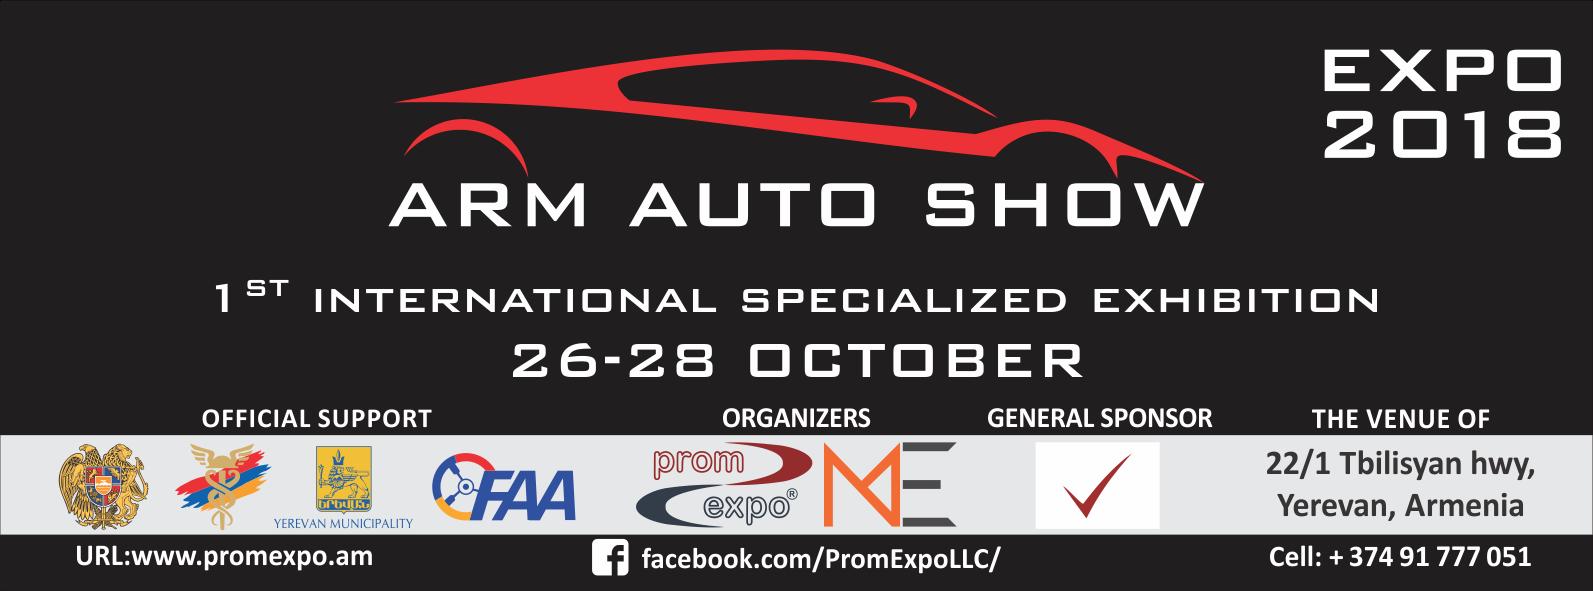 Arm Auto Show Expo 2018